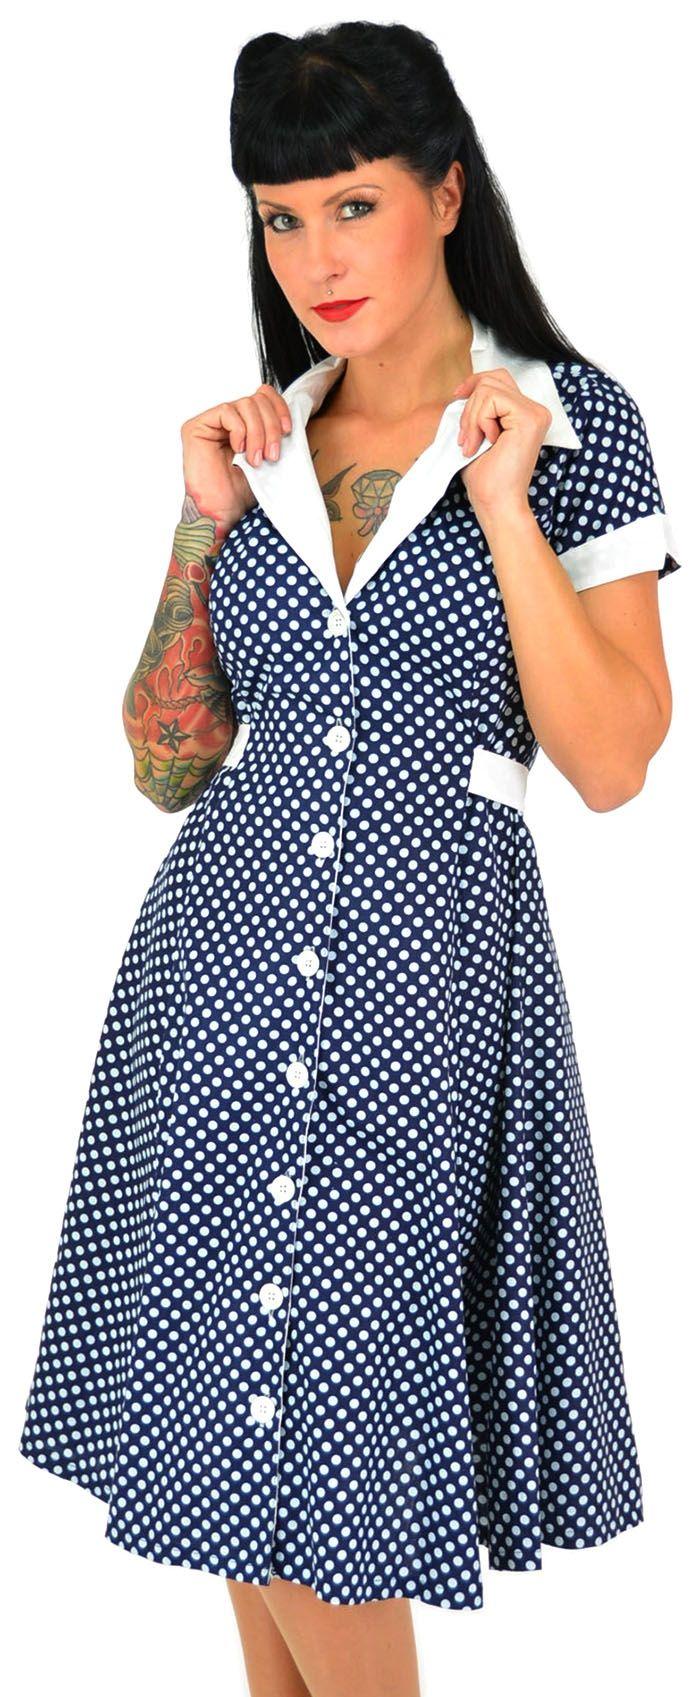 19 best Küstenluder / Kleider images on Pinterest | Curve dresses ...